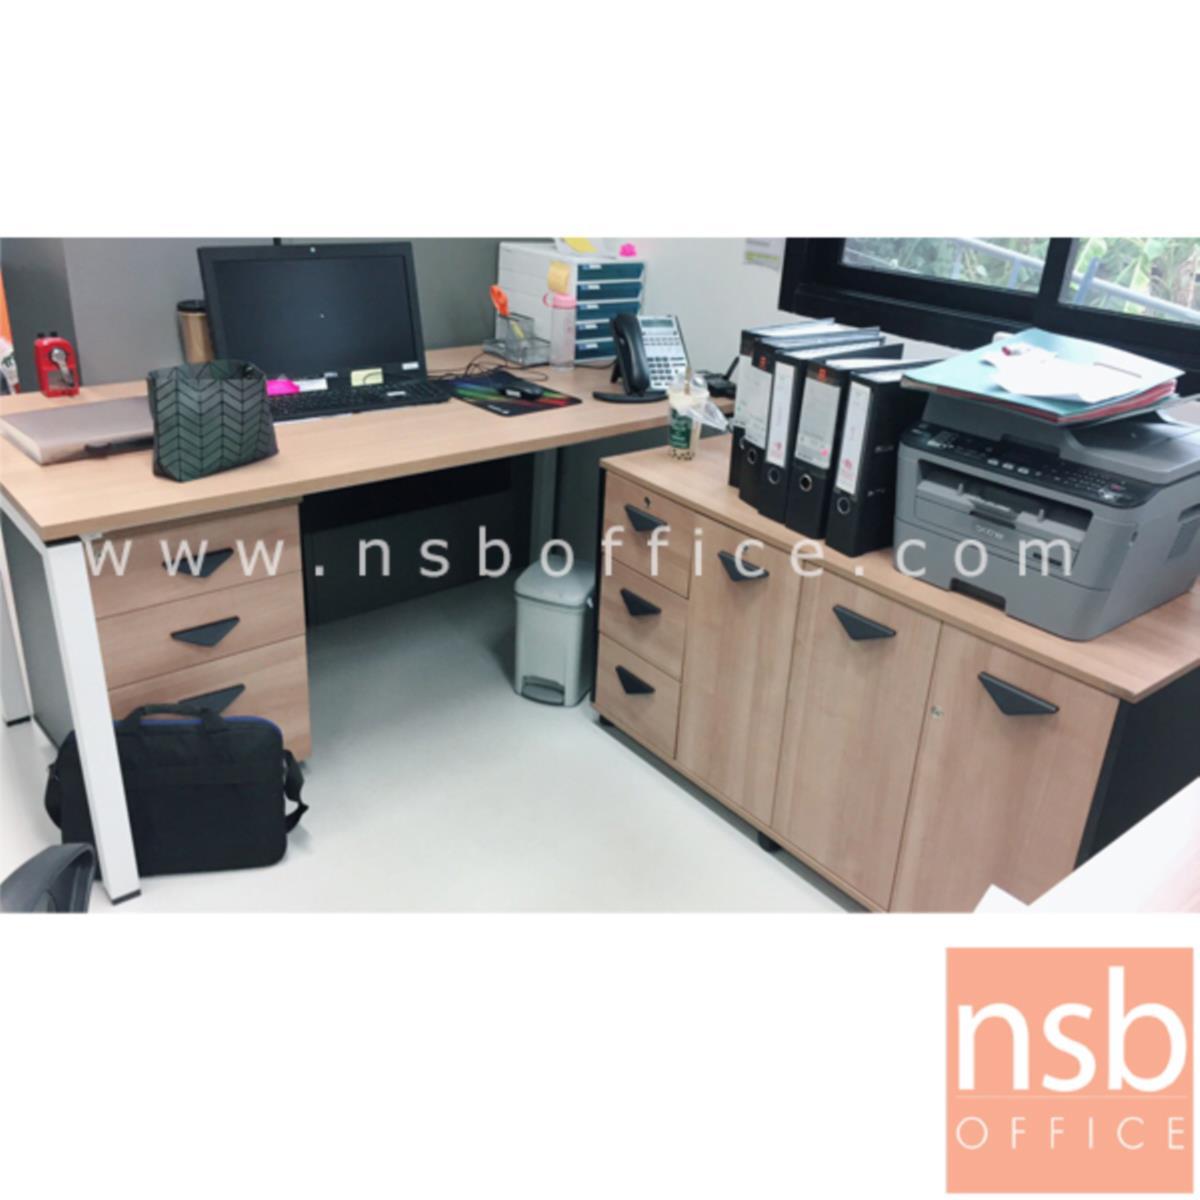 A10A057:ชุดโต๊ะทำงาน 3 ลิ้นชัก  พร้อมตู้ข้างเก็บเอกสาร รุ่น Delisle (ดีไลล์) ขนาด 160W*75H cm. ขาเหล็ก